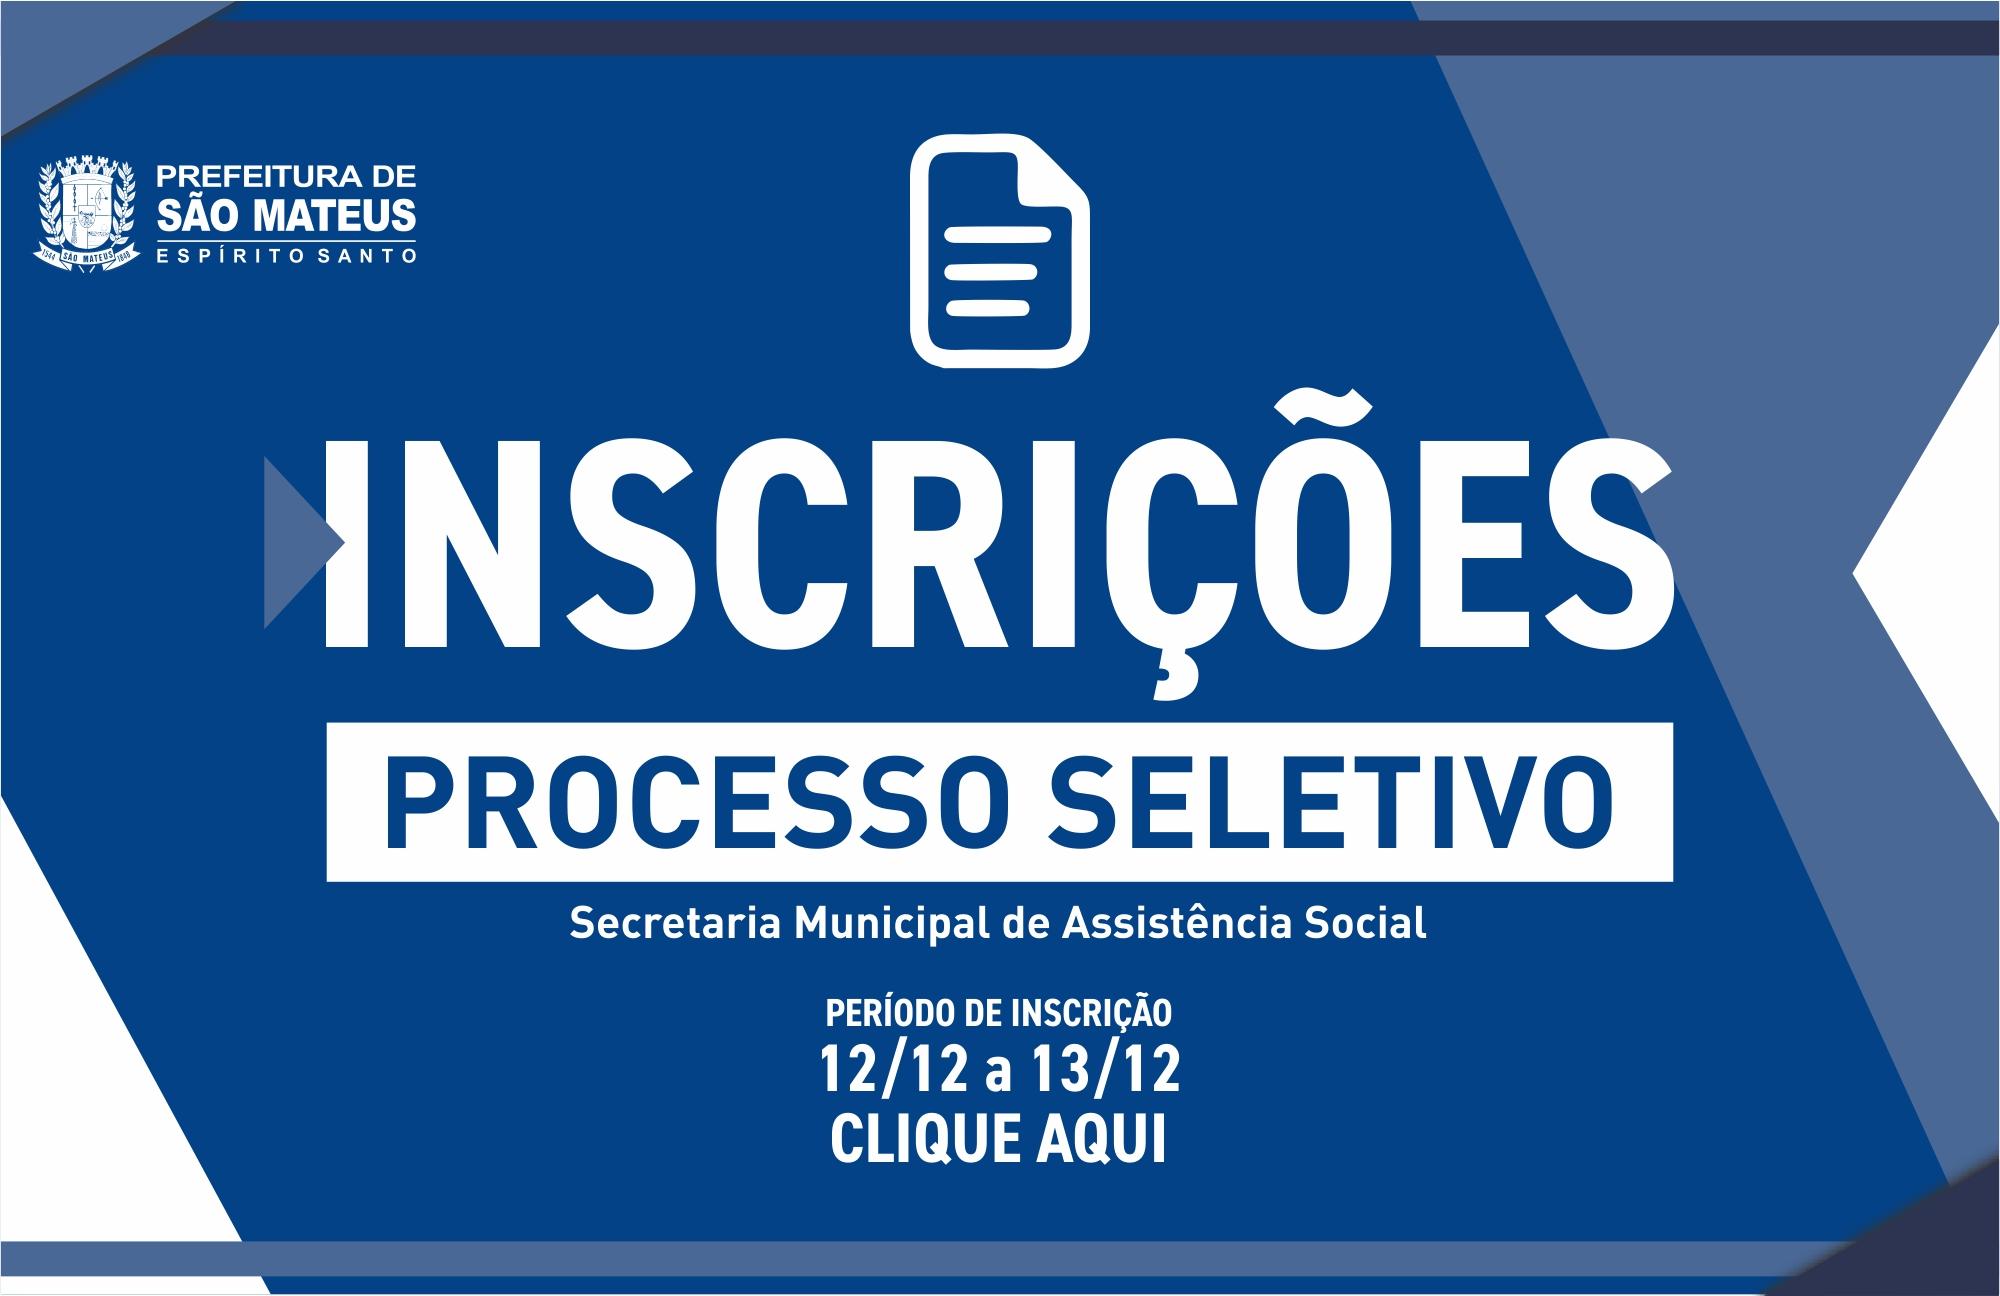 PREFEITURA DE SÃO MATEUS ABRE INSCRIÇÕES PARA O PROCESSO SELETIVO 2019 DO SUAS